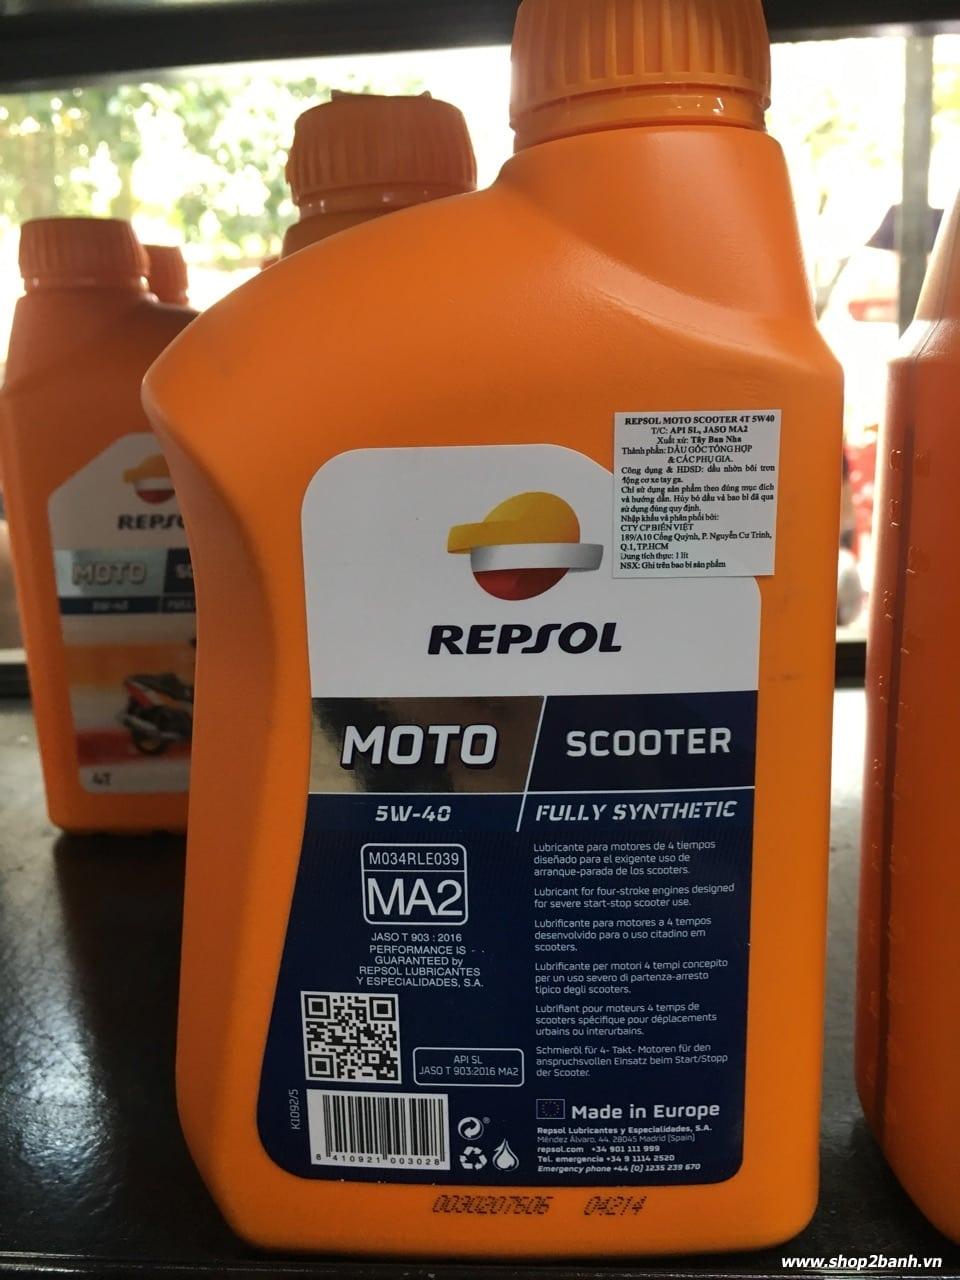 Repsol moto scooter 4t 5w40 - 3